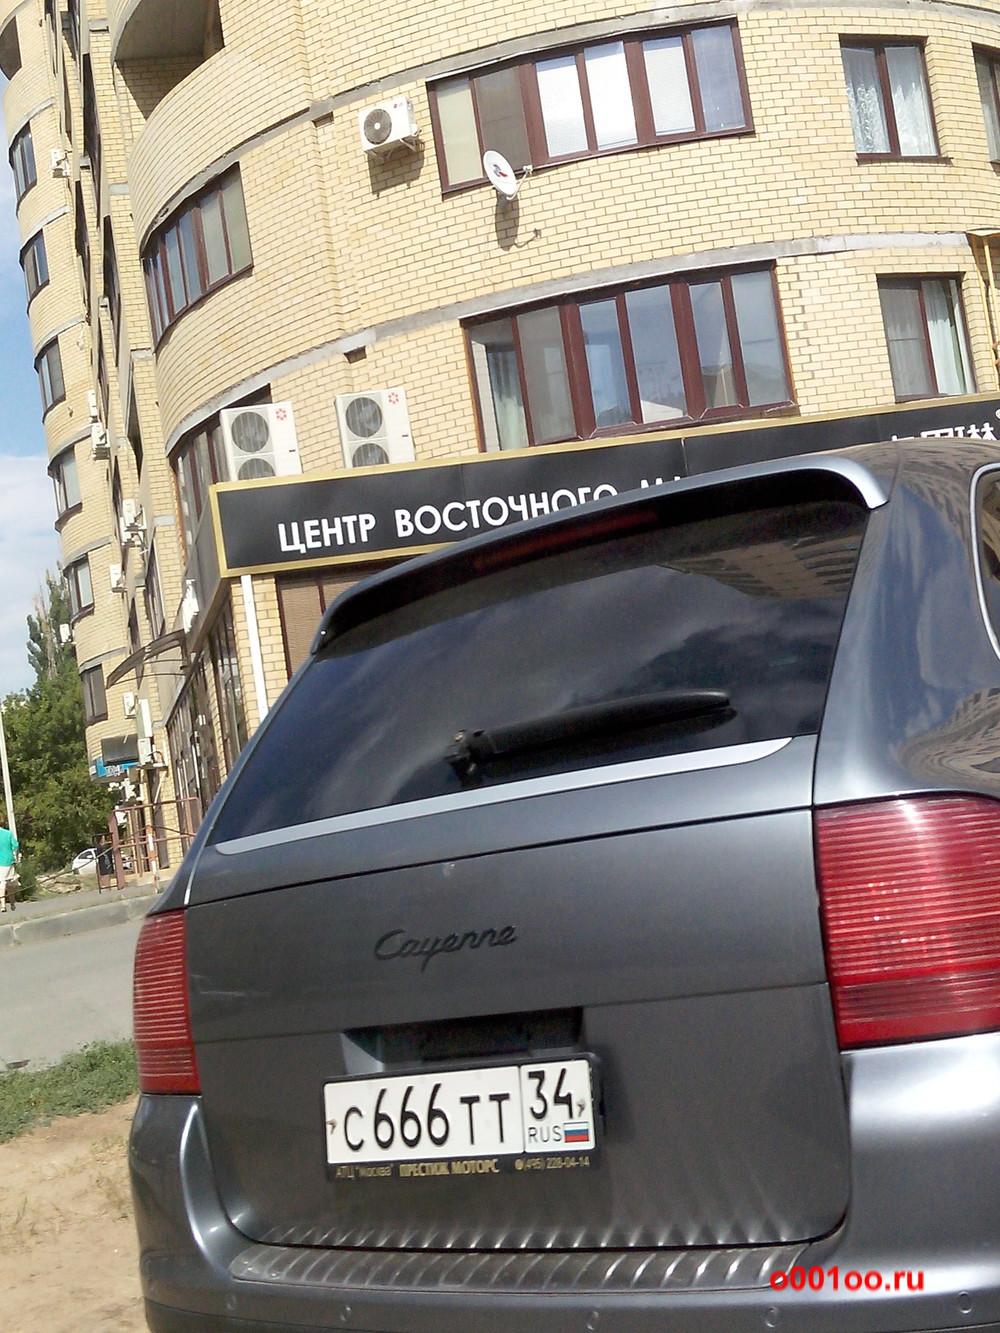 с666тт34